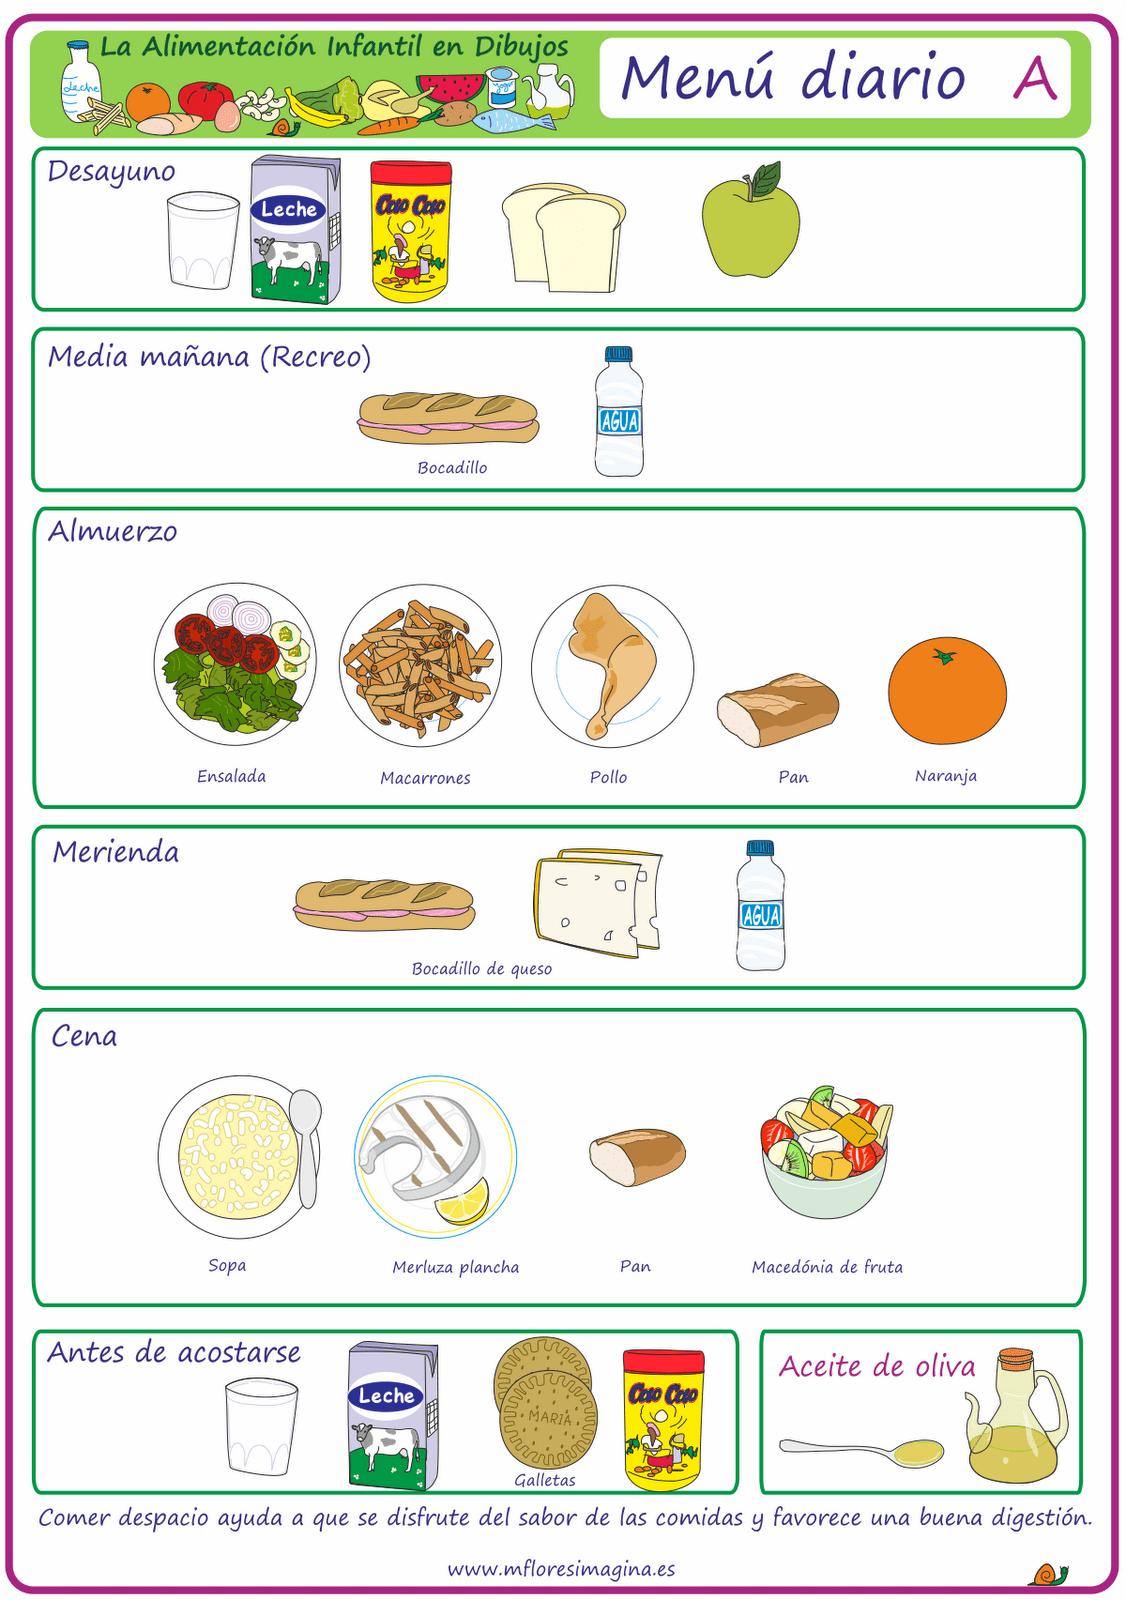 La Alimentacion Infantil En Dibujos Etapa Escolar